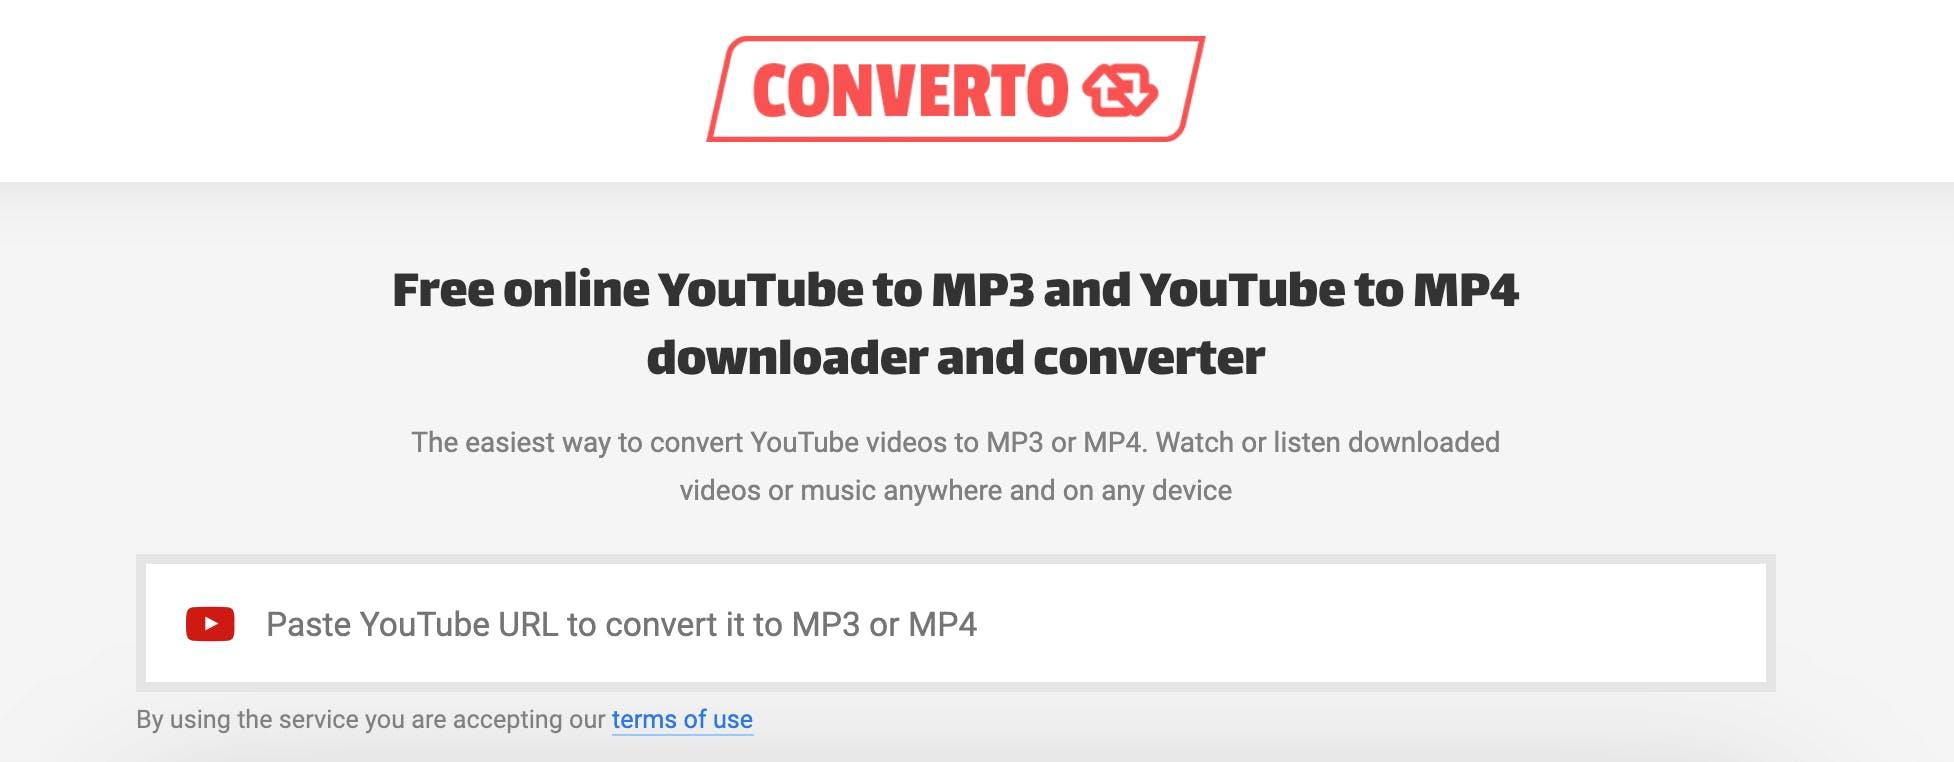 Converto.io website